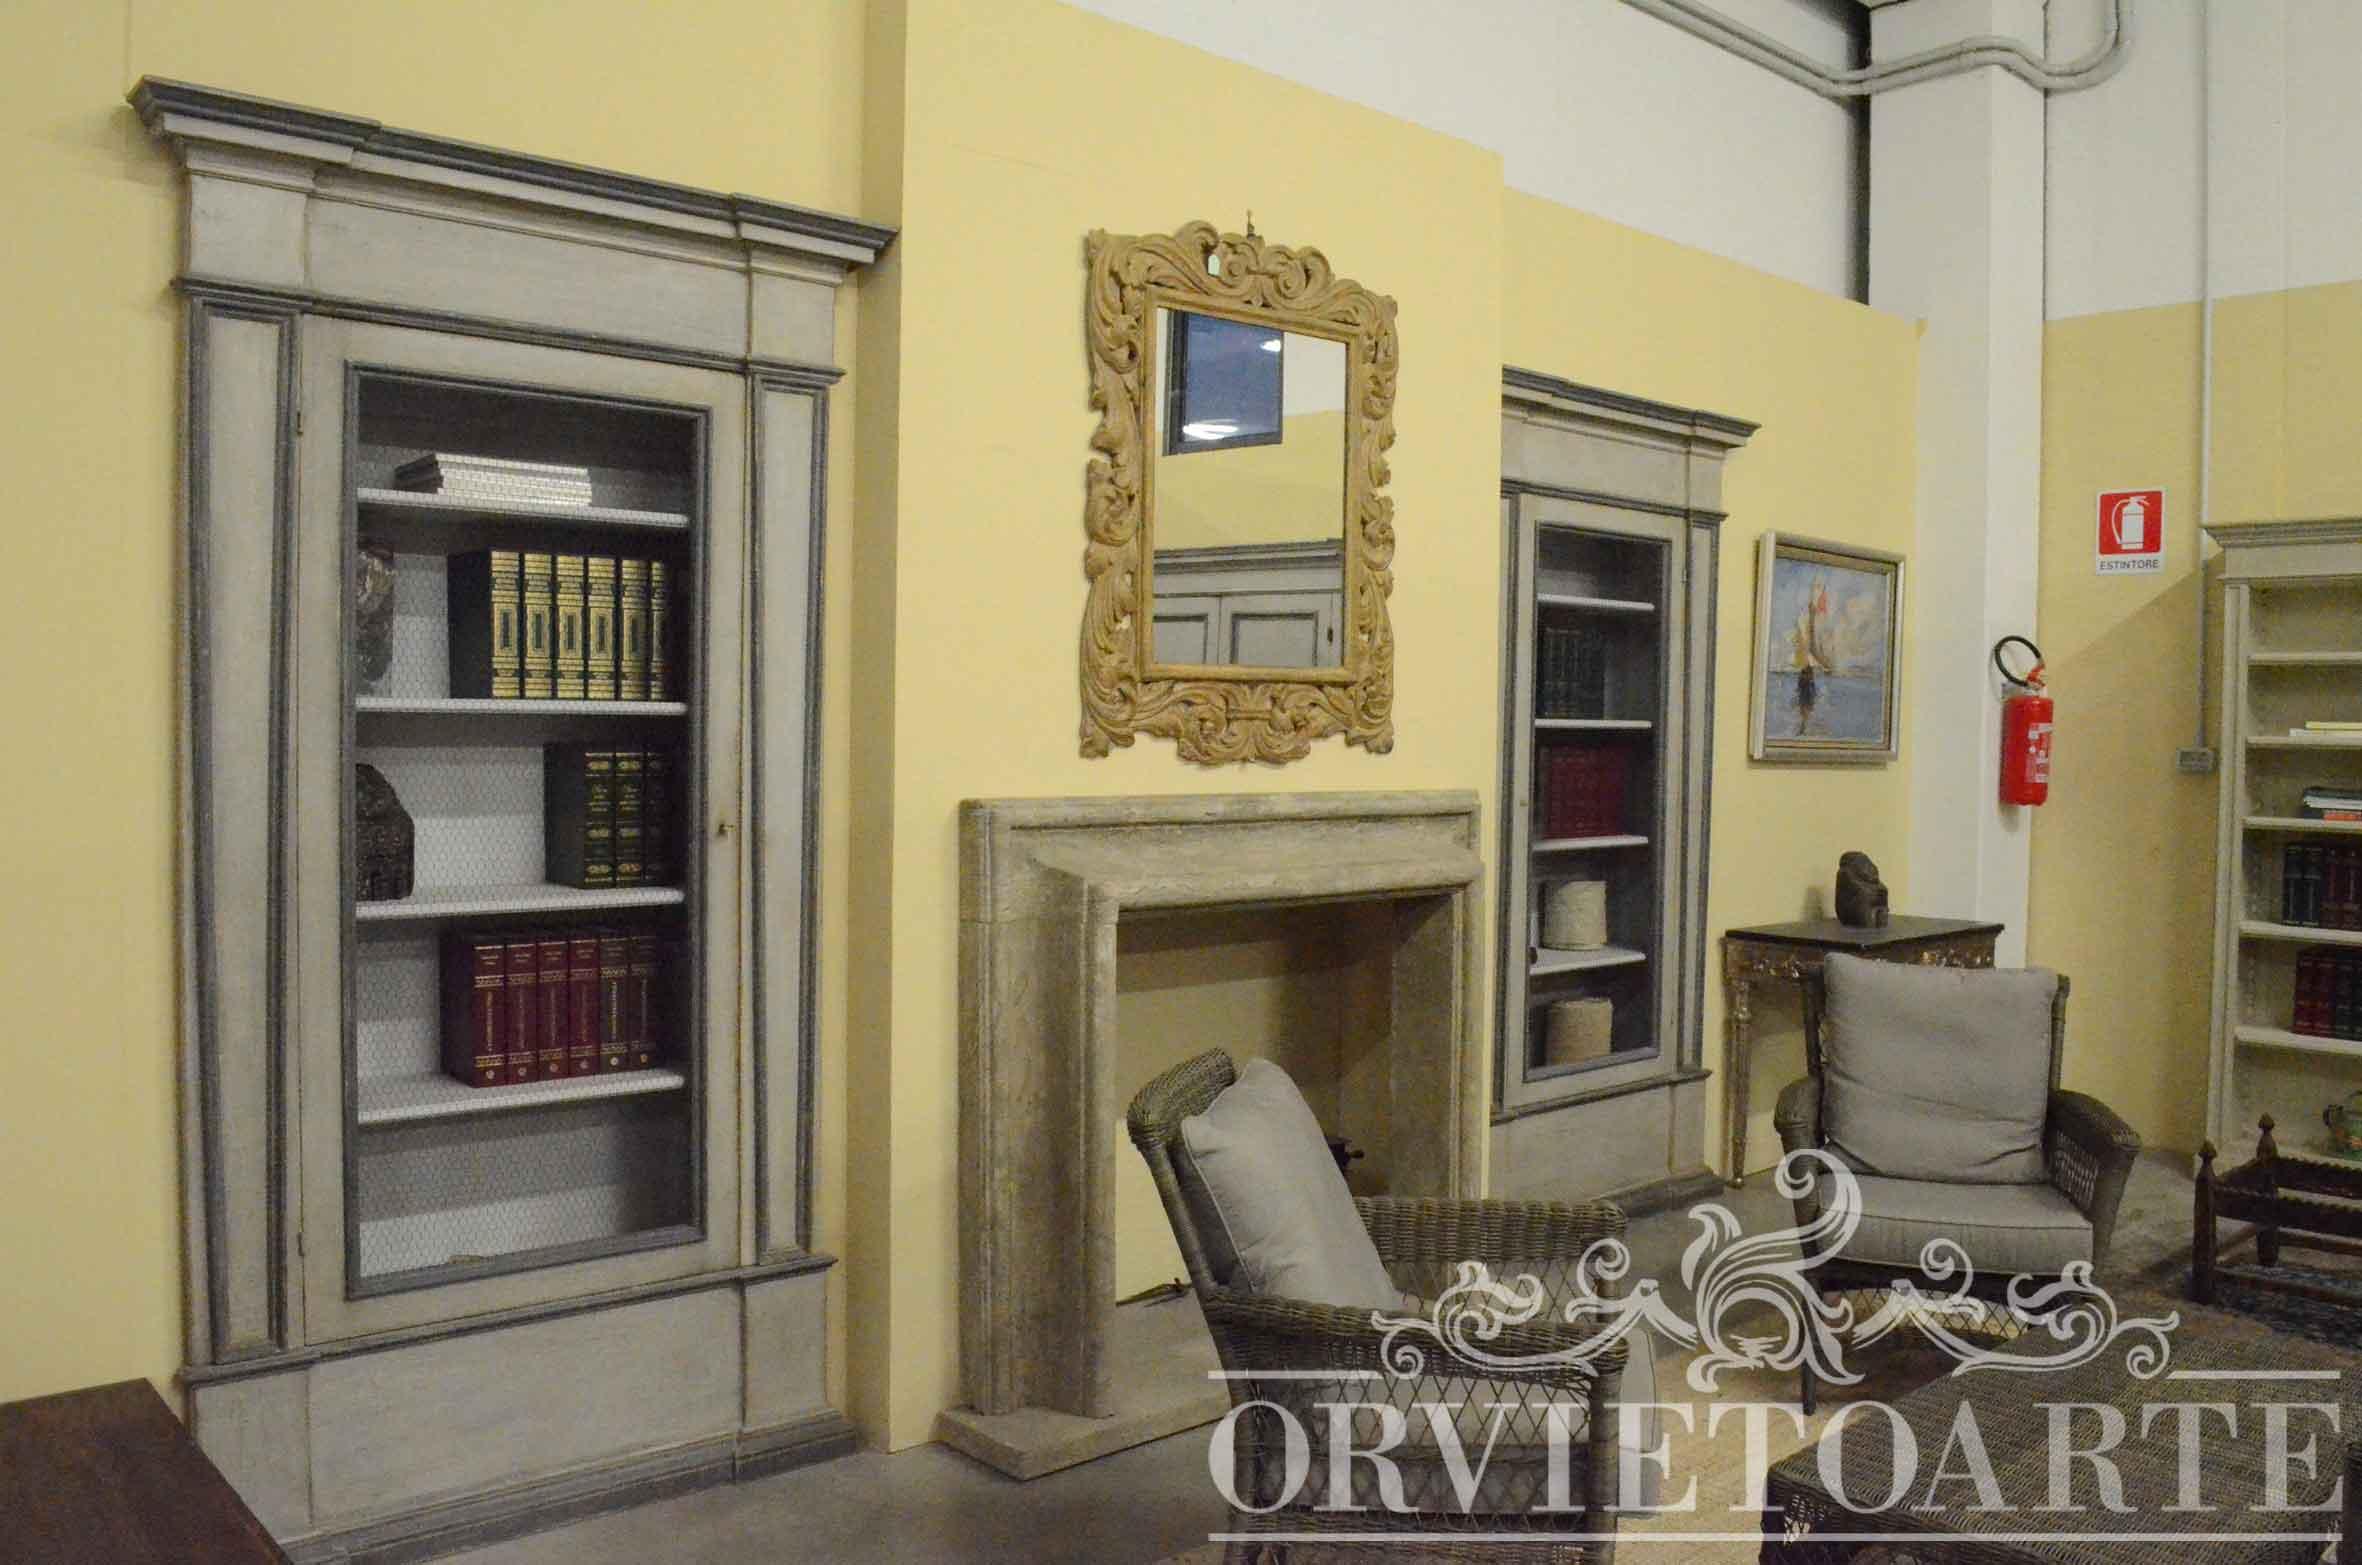 Orvieto arte libreria da muro stile provenzale - Porte stile shabby chic ...